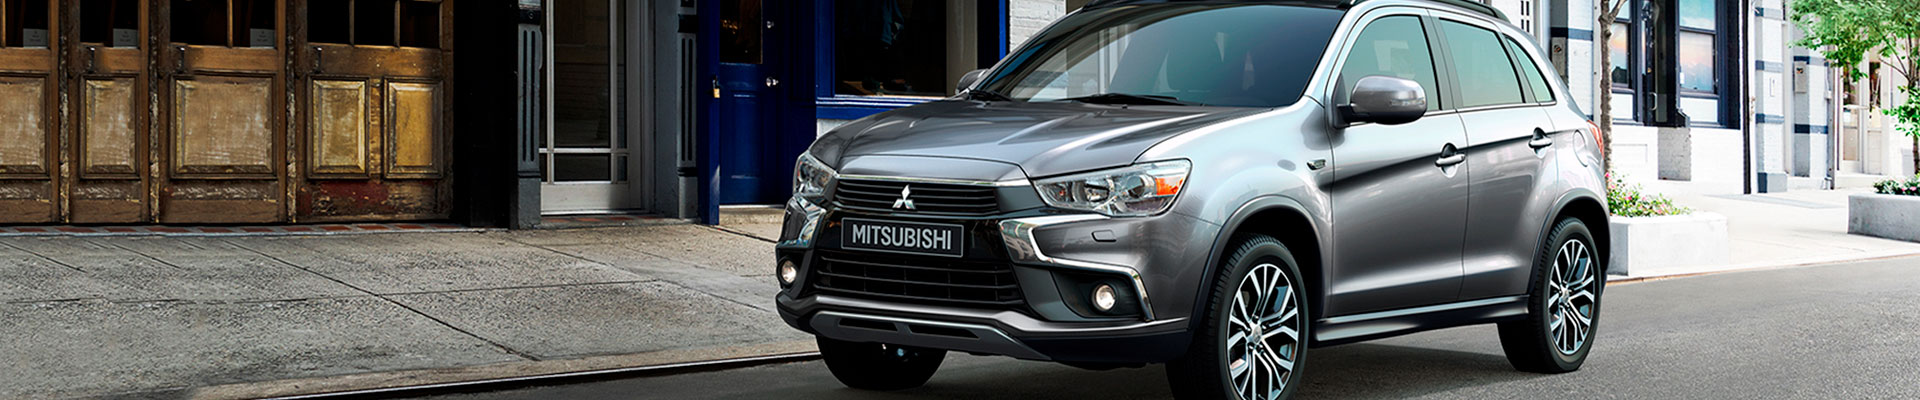 Trigocar, Concesionario Oficial Mitsubishi Motors en A Coruña y Santiago de Compostela